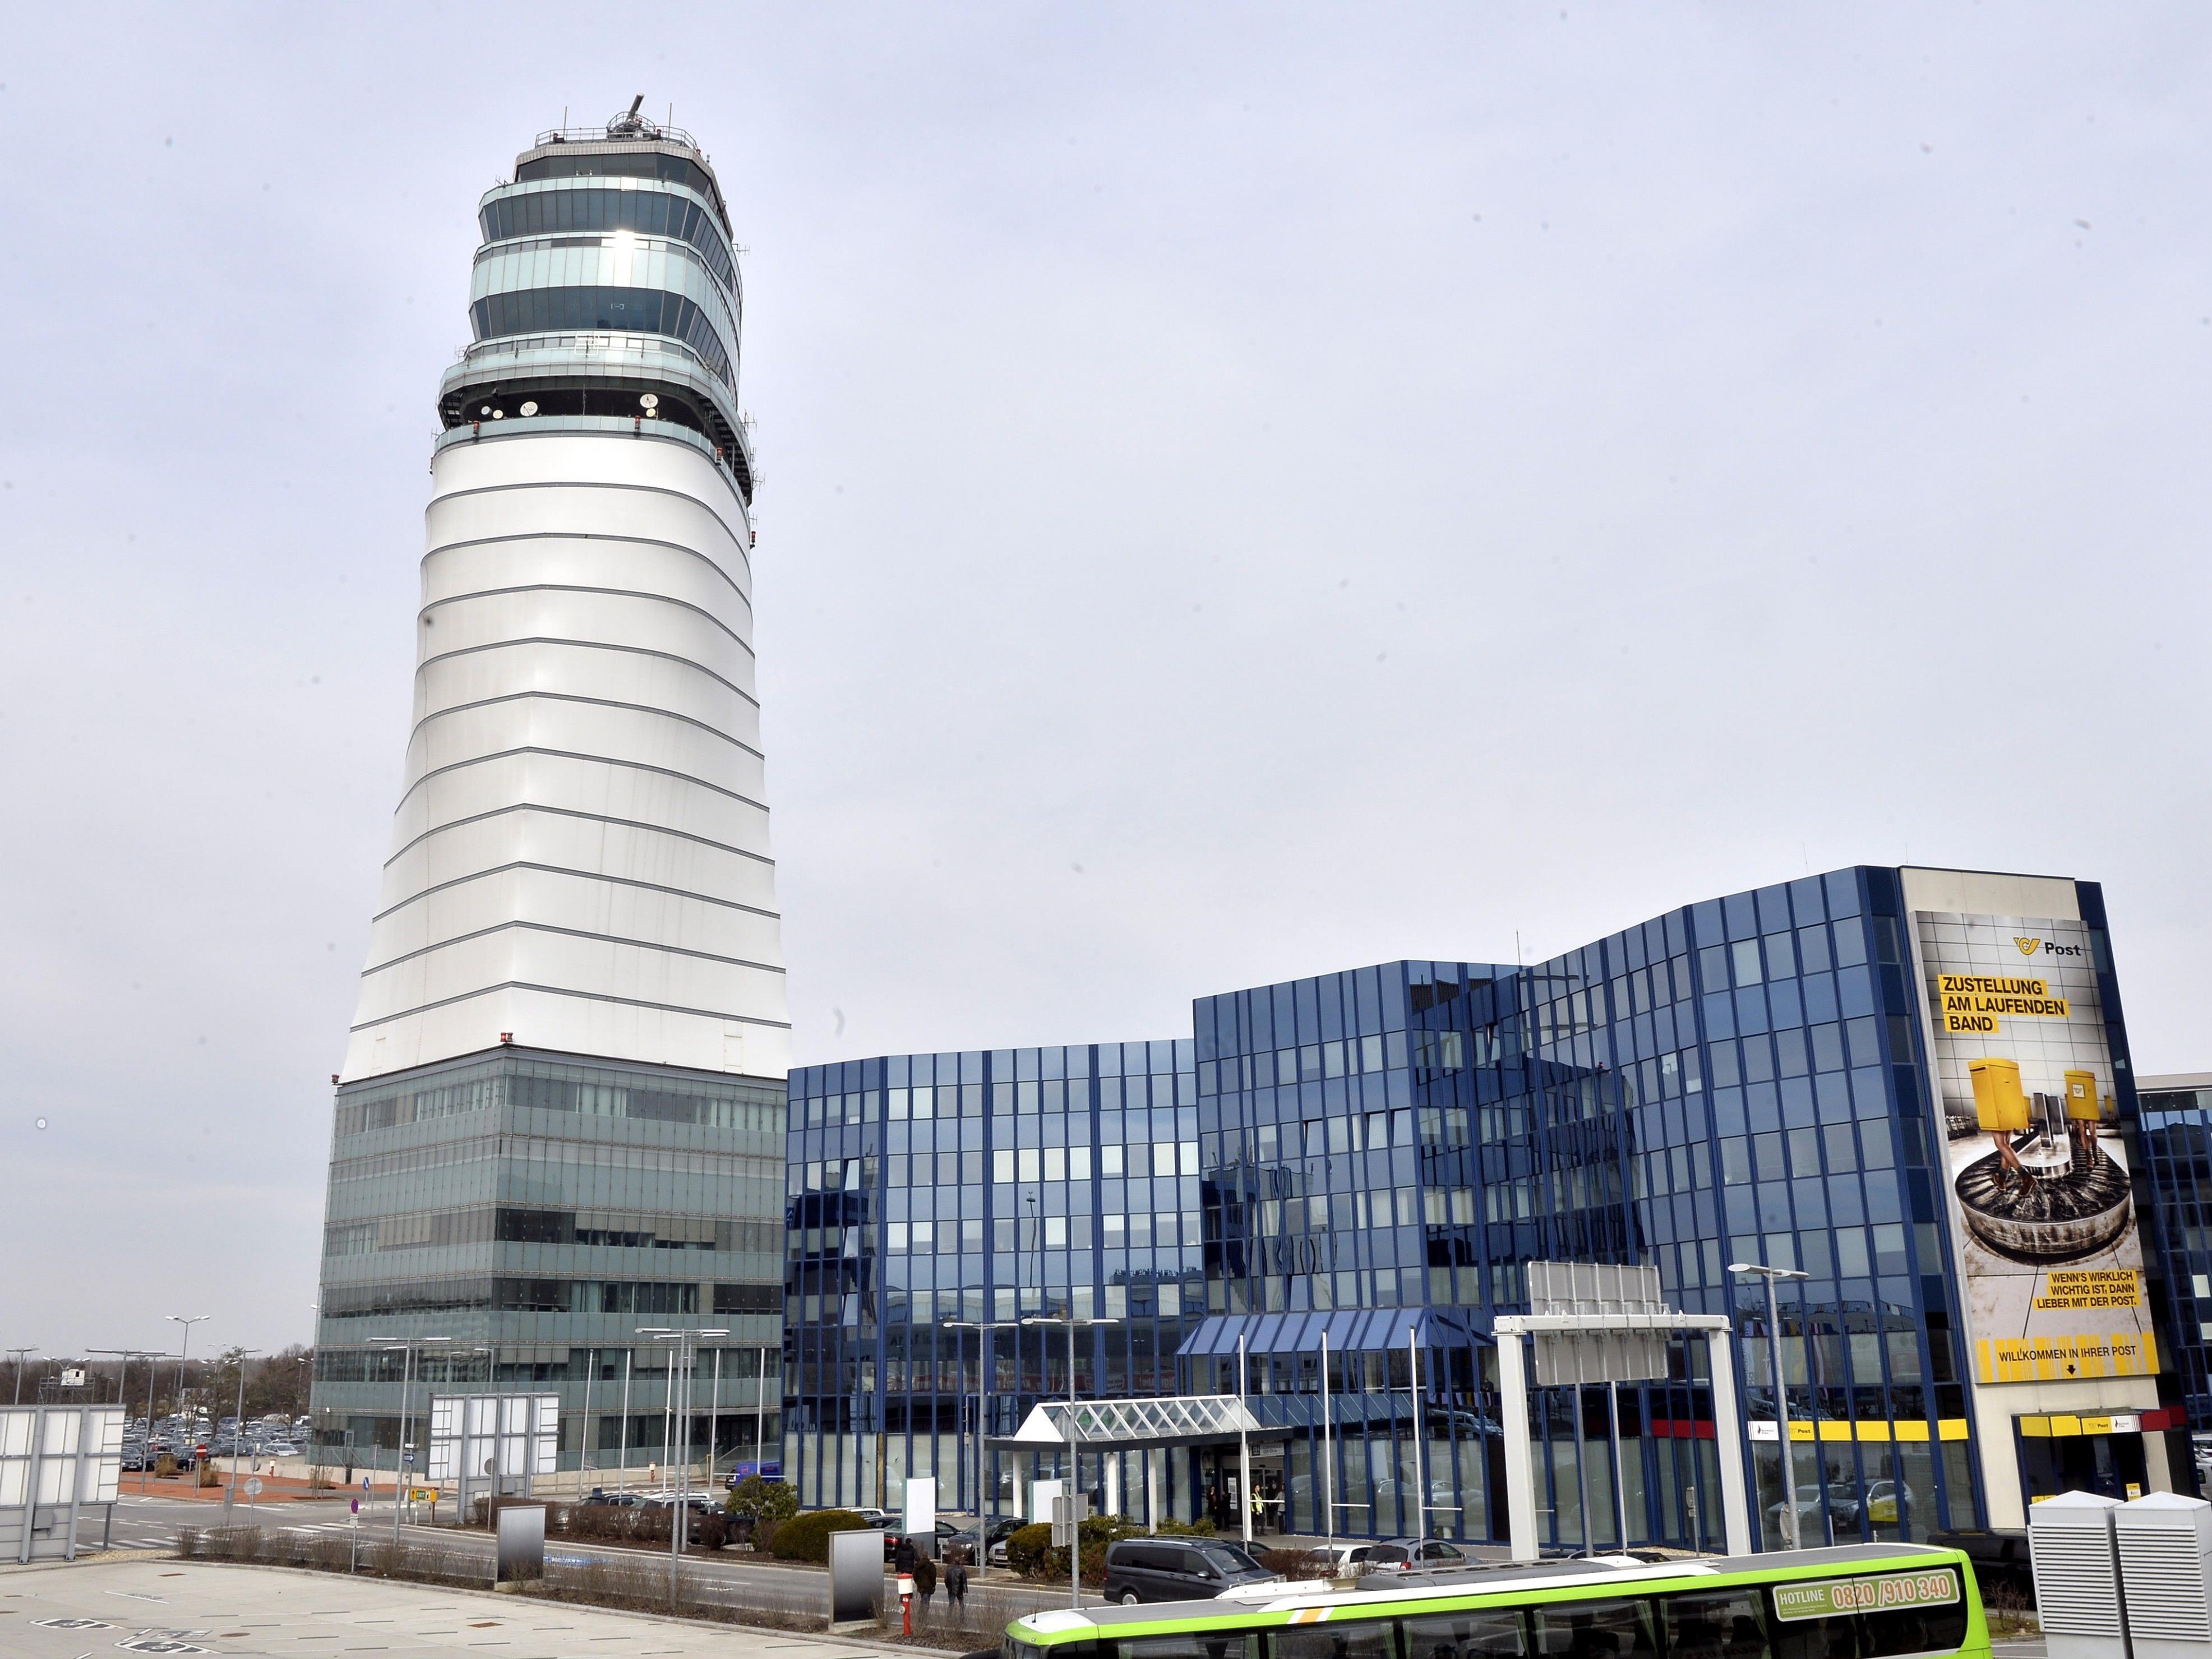 Keine 3. Piste am Flughafen: Transportwirtschaft bangt um weitere Projekte.